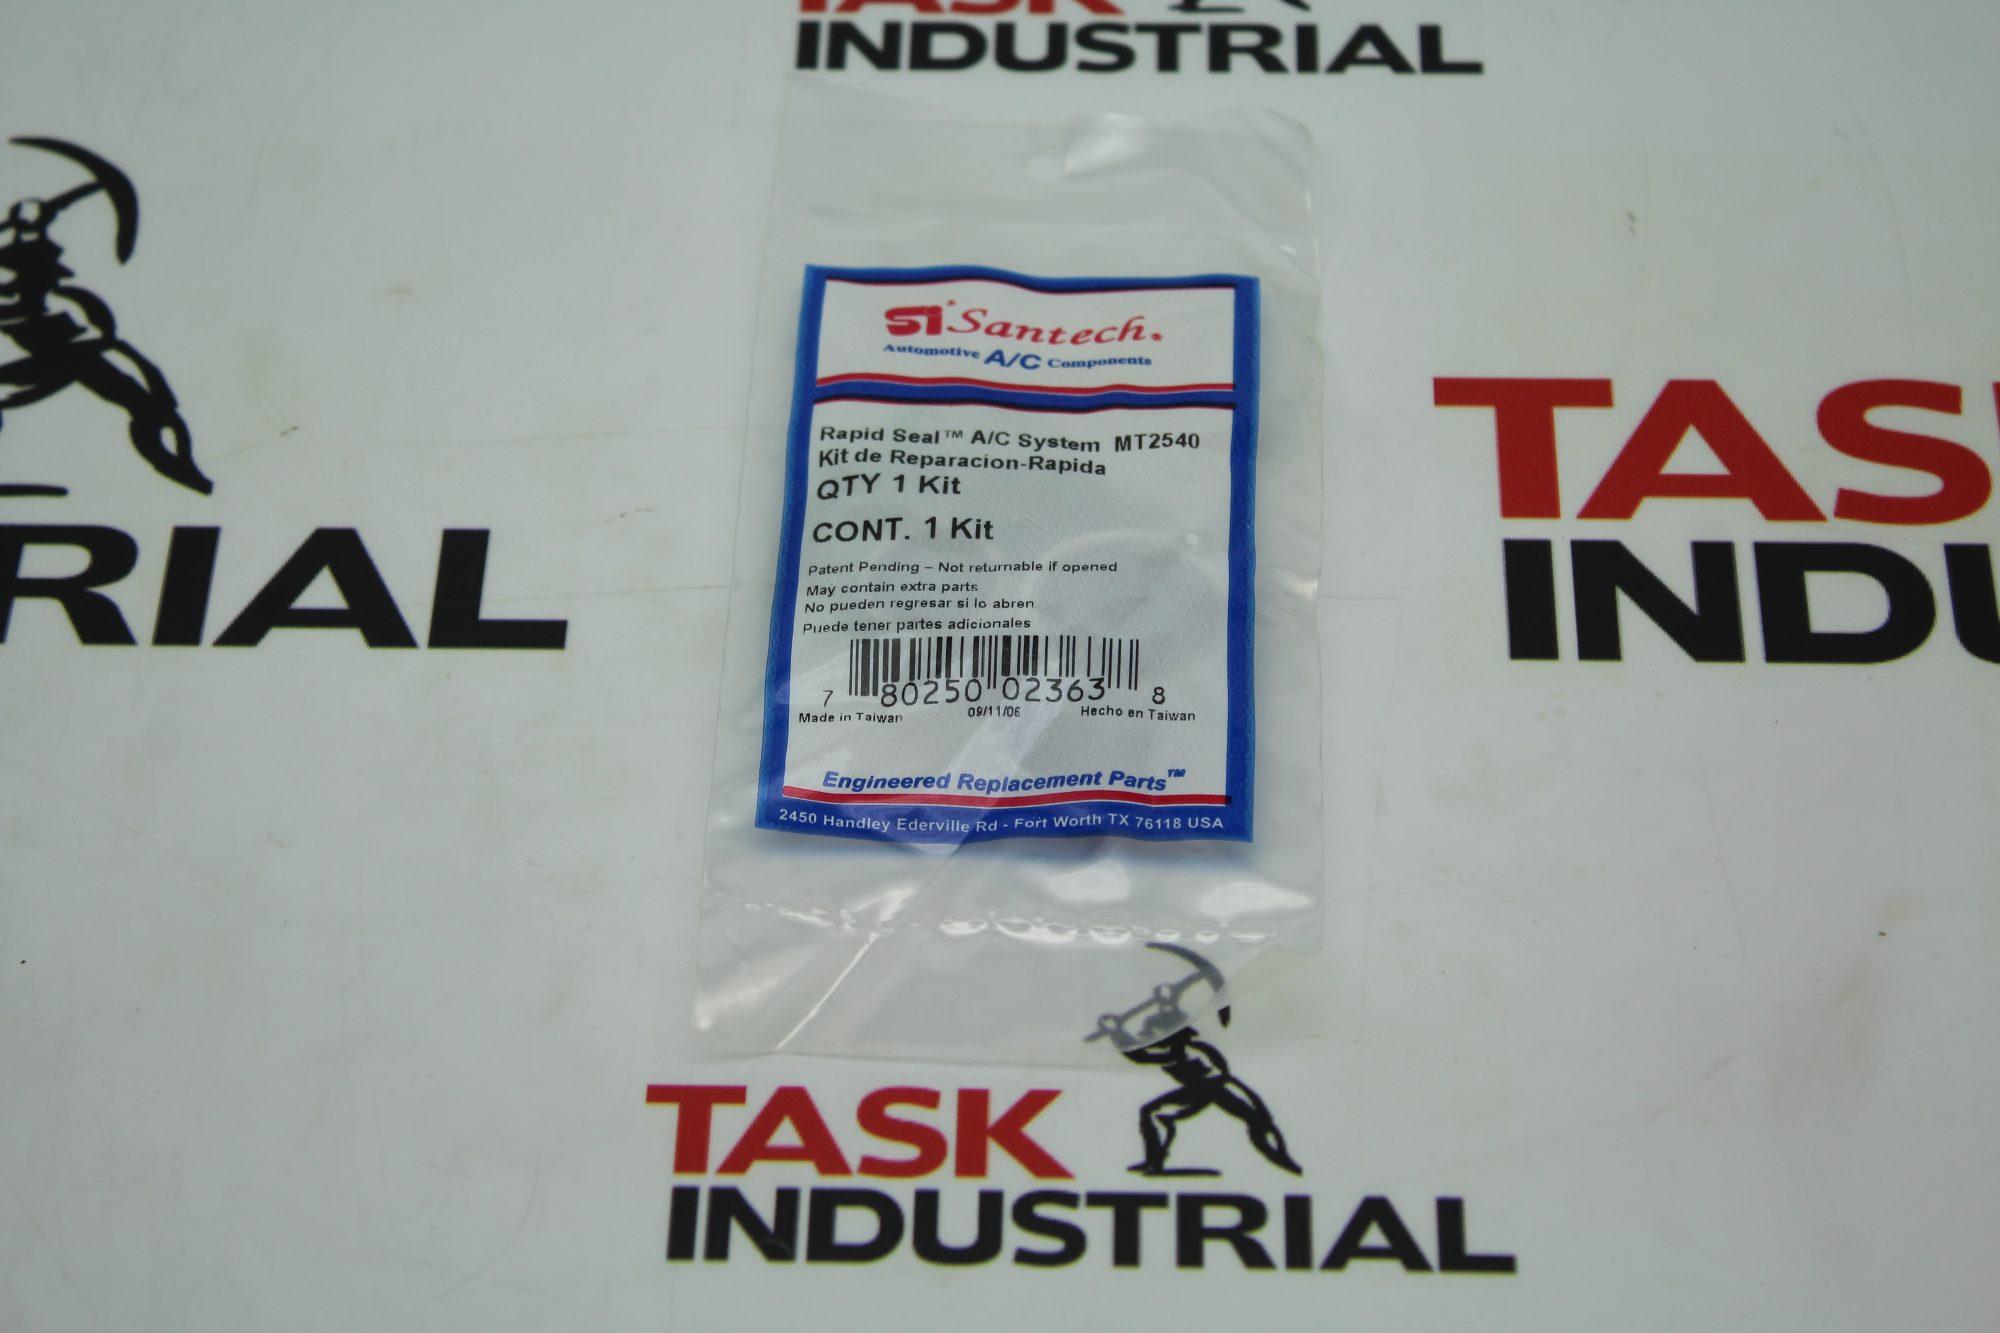 Santech MT2540 Rapid Seal A/C System Kit